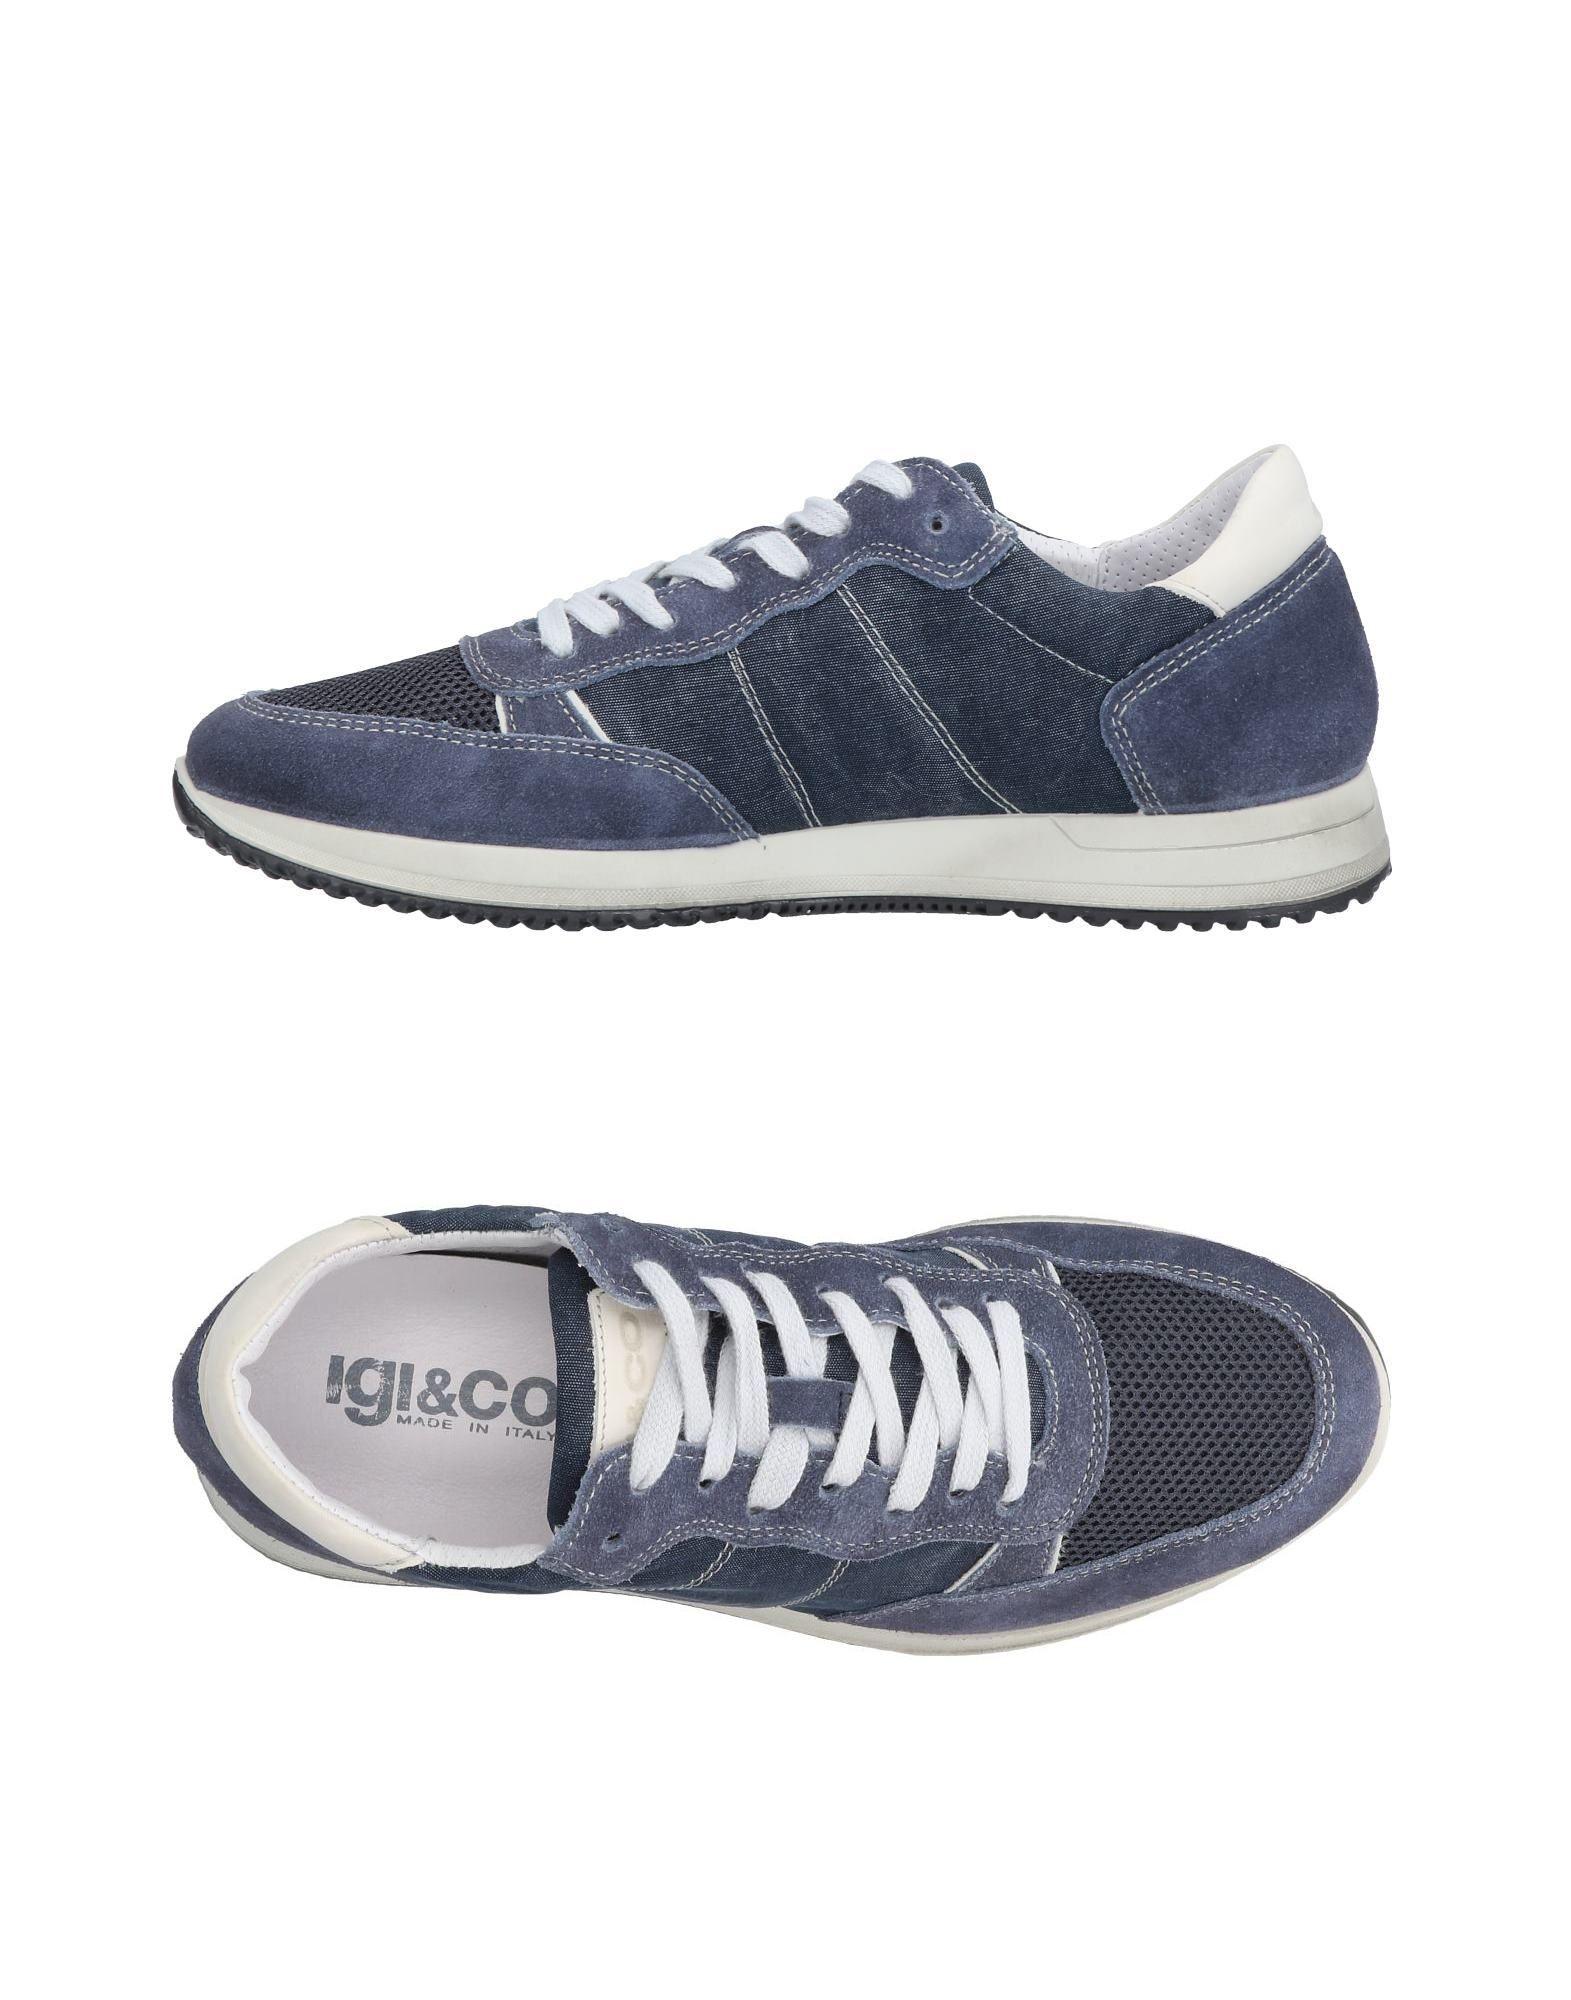 Sneakers Igi&Co Homme - Sneakers Igi&Co  Bleu pétrole Meilleur modèle de vente